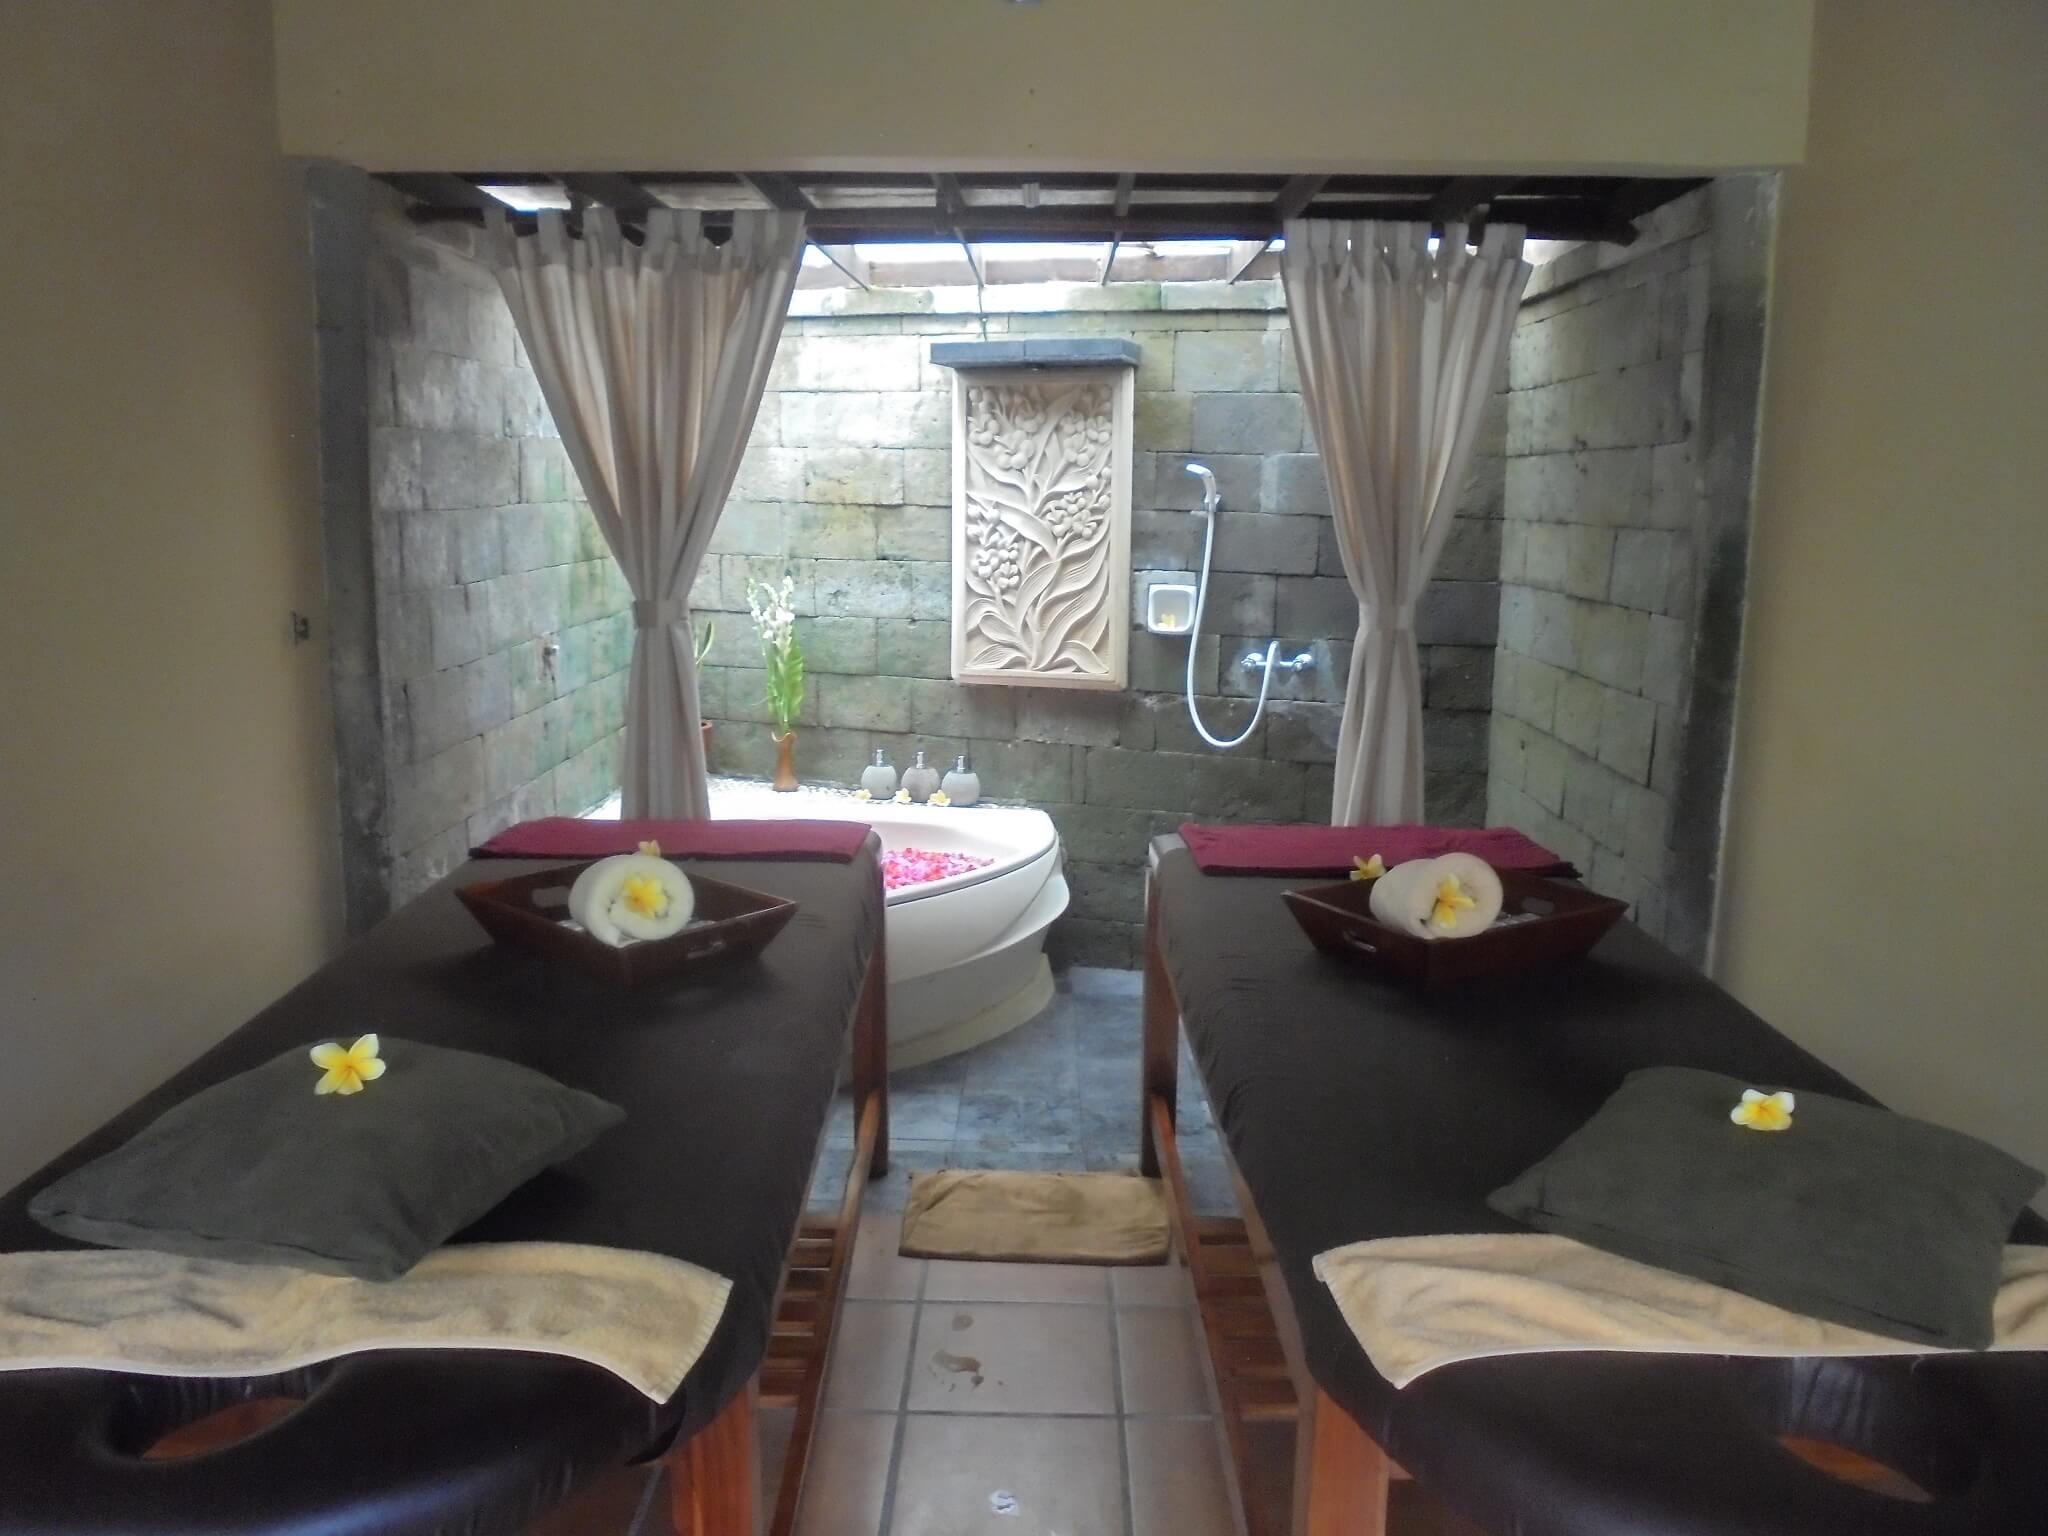 Biyukukung Spa at Biyukukung Suites Ubud